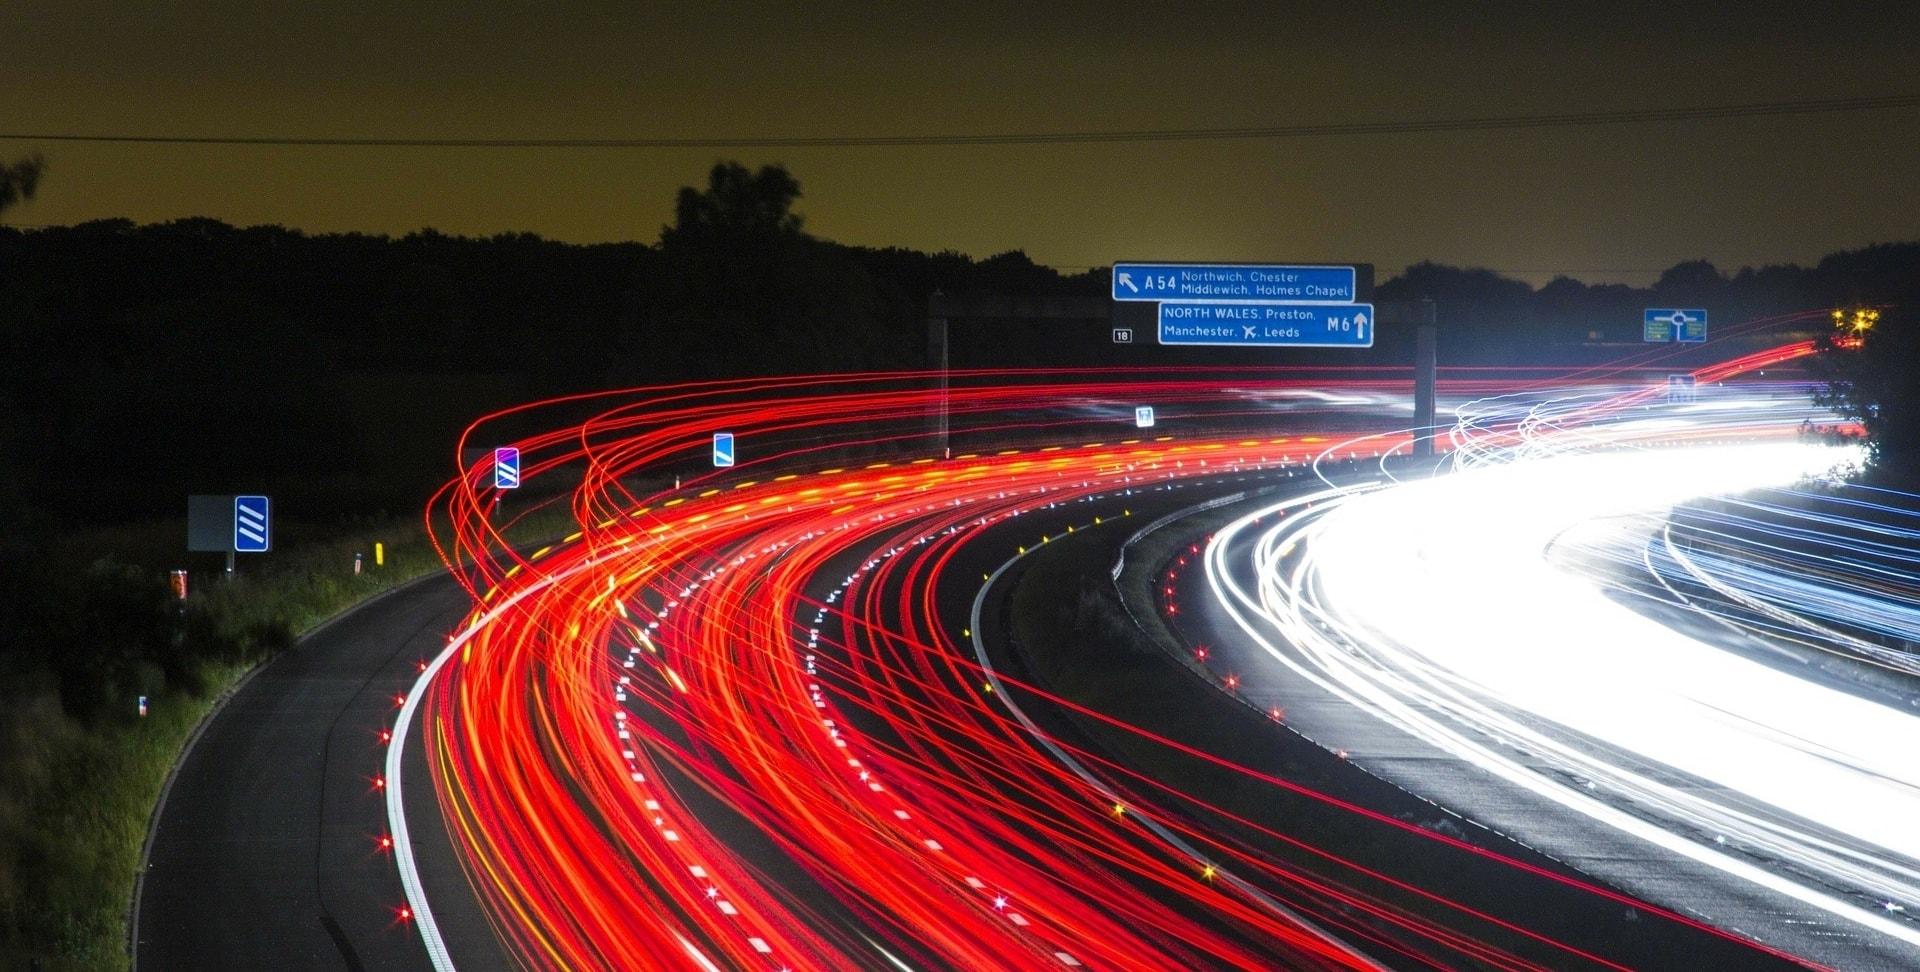 Eine Autobahn bei Nacht. Blaue Verkehrsschilder und rote und helle Lichteffekte auf der Fahrbahn. Die Fahrbahn steht für den Weg des Ranking-Algorithmus.